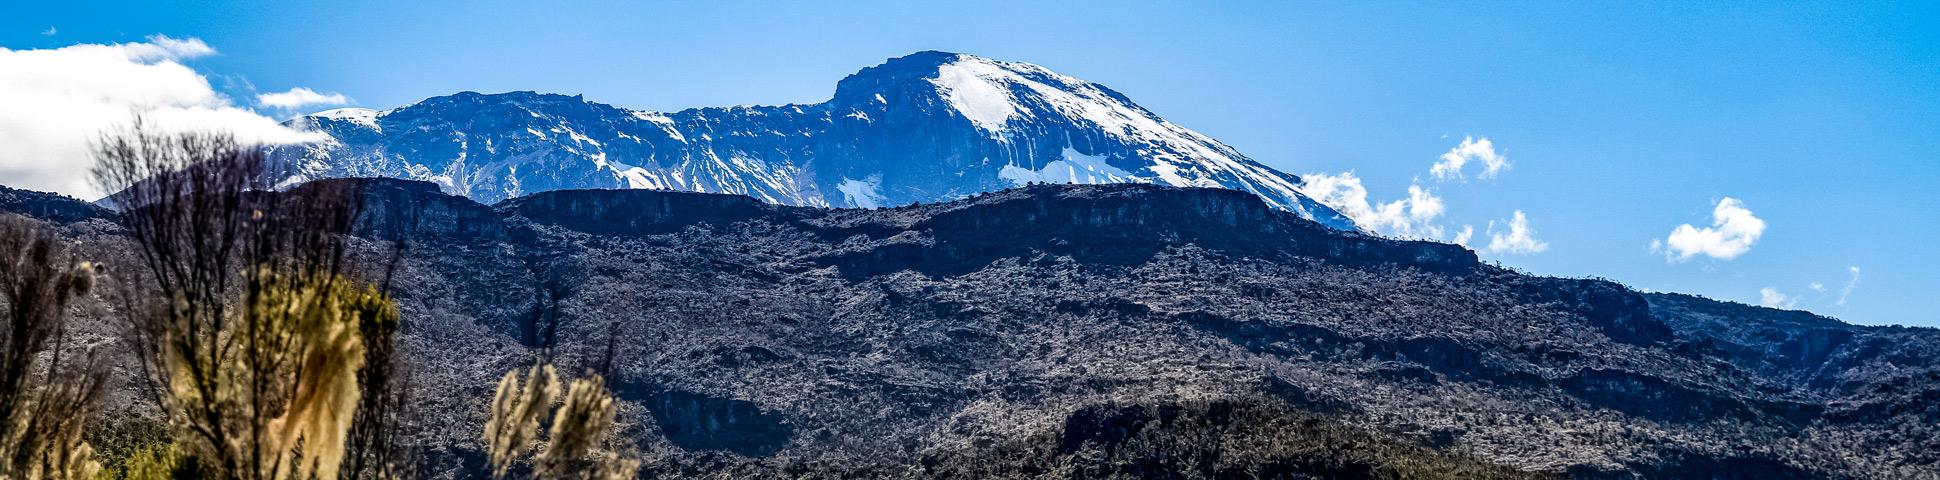 5-day Mount Kilimanjaro on Marangu Route